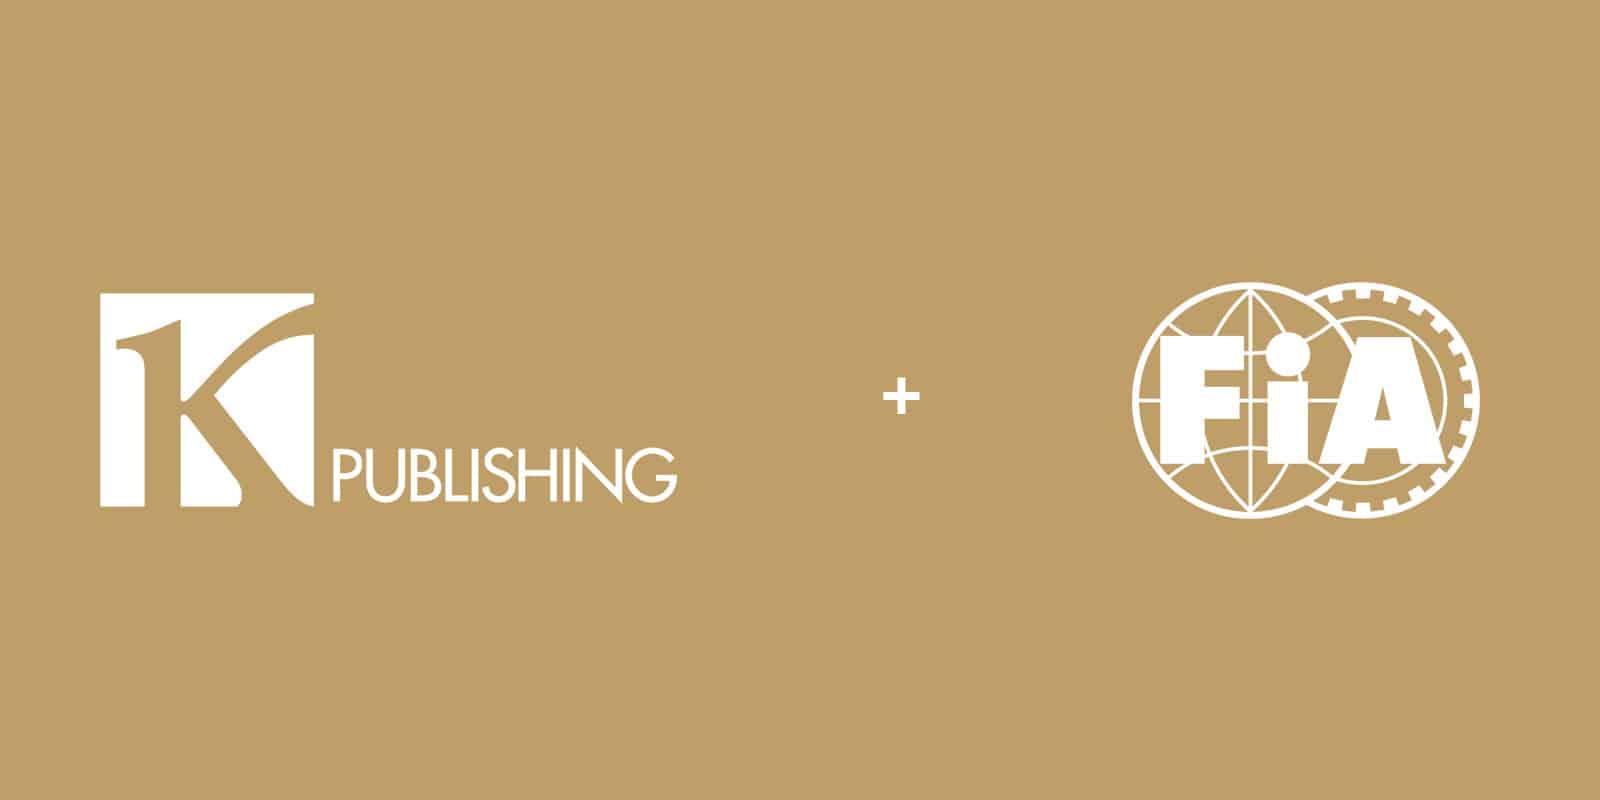 La FIA a choisi K Publishing pour ses réseaux sociaux